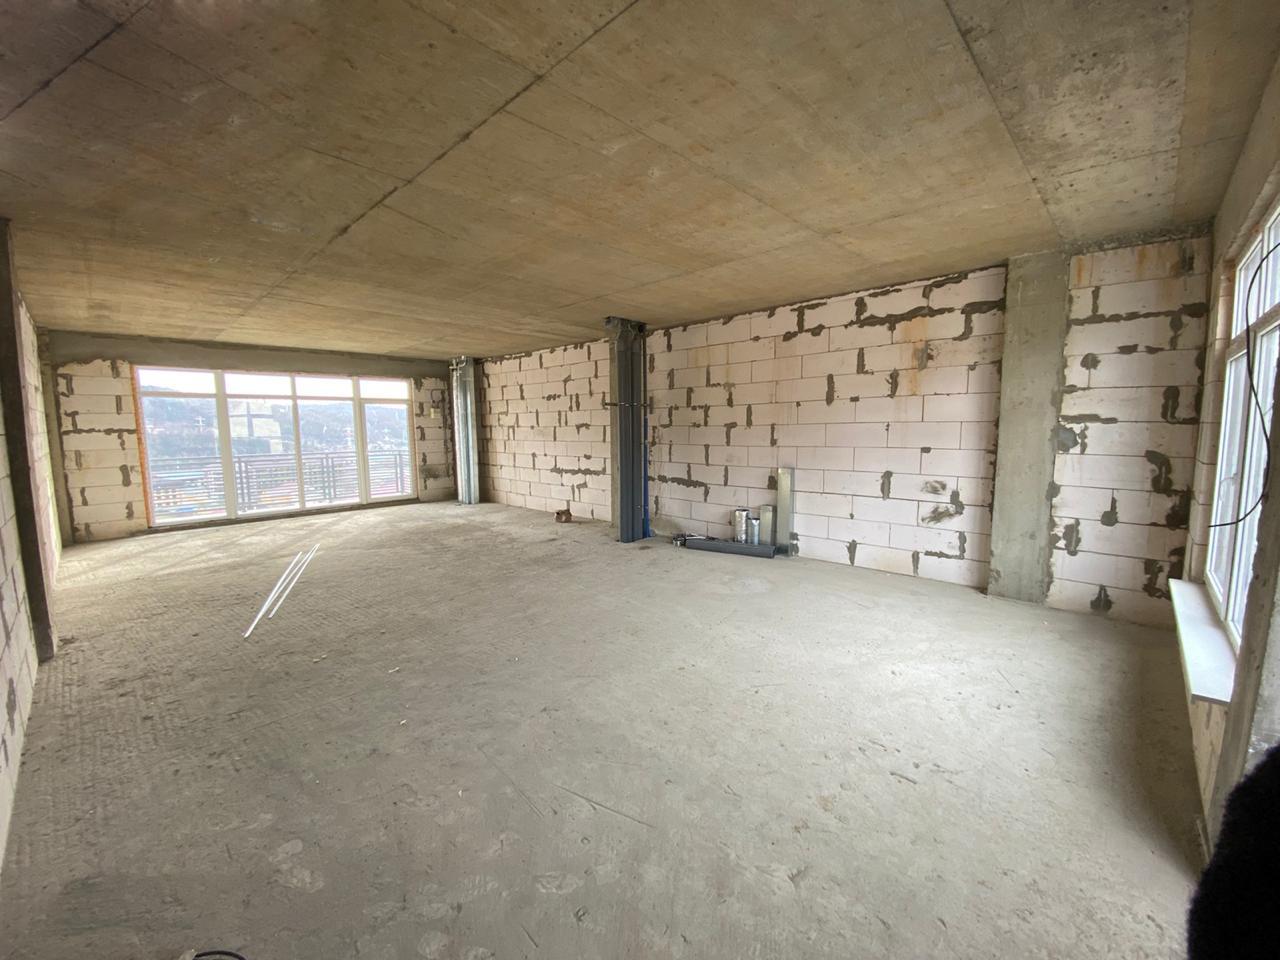 Продам - Квартира с открытым видом -Ивановская - цена: 3900000